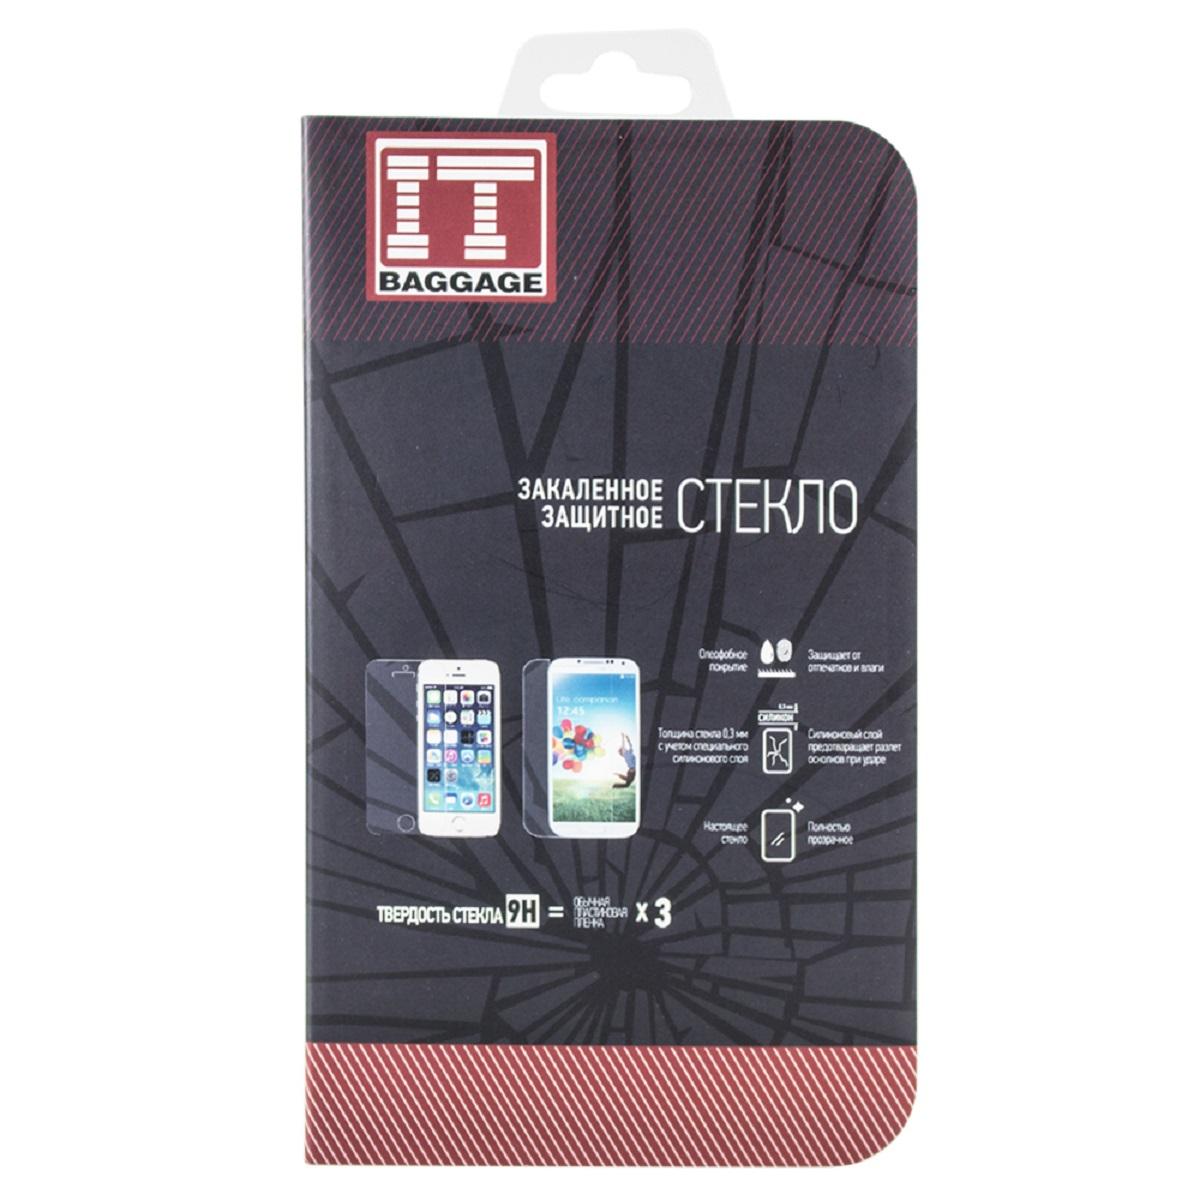 IT Baggage защитное стекло для Meizu MX6ITMZMX6GЗакаленное стекло IT Baggage для Meizu MX6 - это самый верный способ защитить экран от повреждений и загрязнений. Обладает высочайшим уровнем прозрачности и совершенно не влияет на отклик экранного сенсора и качество изображения. Препятствует появлению отпечатков и пятен. Удалить следы жира и косметики с поверхности аксессуара не составить ни какого труда.Характеристики защитного стекла делают его износостойким к таким механическим повреждениям, как царапины, сколы, потертости. При сильном ударе разбившееся стекло не разлетается на осколки, предохраняя вас от порезов, а экран устройства от повреждений.После снятия защитного стекла с поверхности дисплея, на нем не остаются повреждения, такие как потертости и царапины.